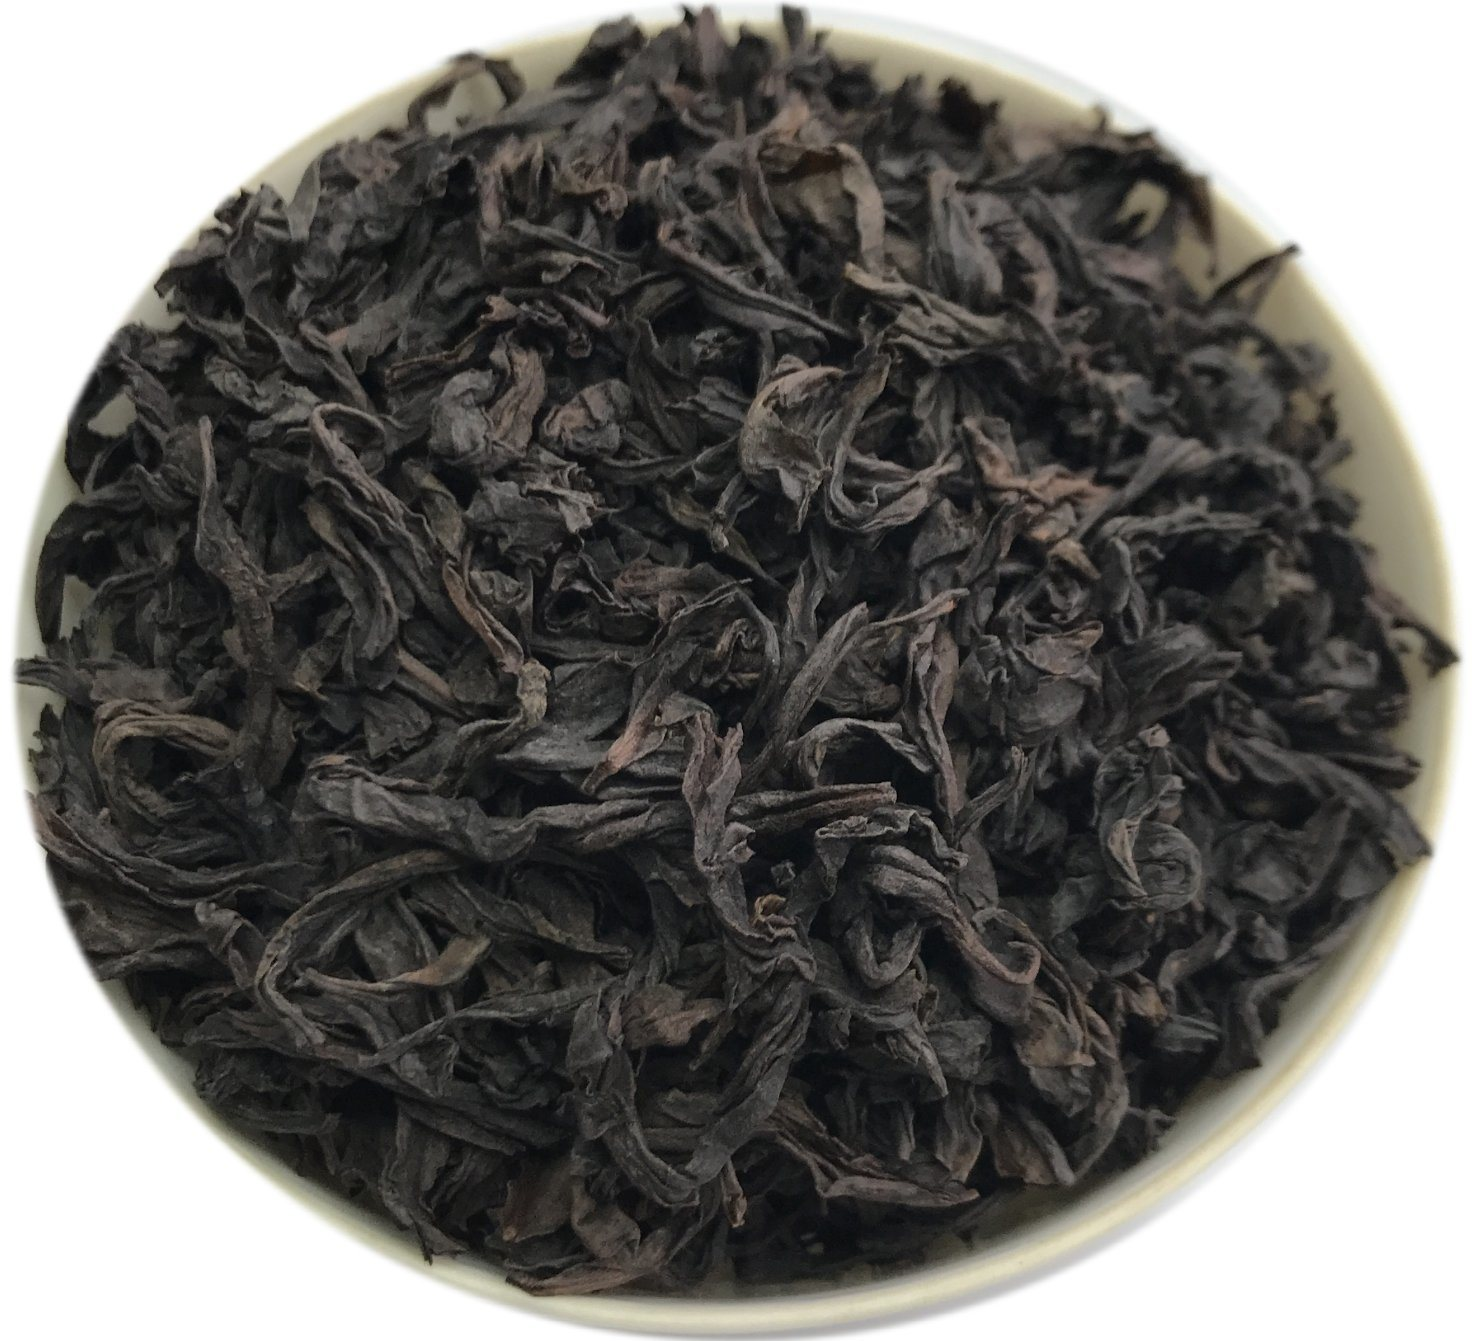 Oolong Tea Black Leaf--Wuyi Rock Oolong